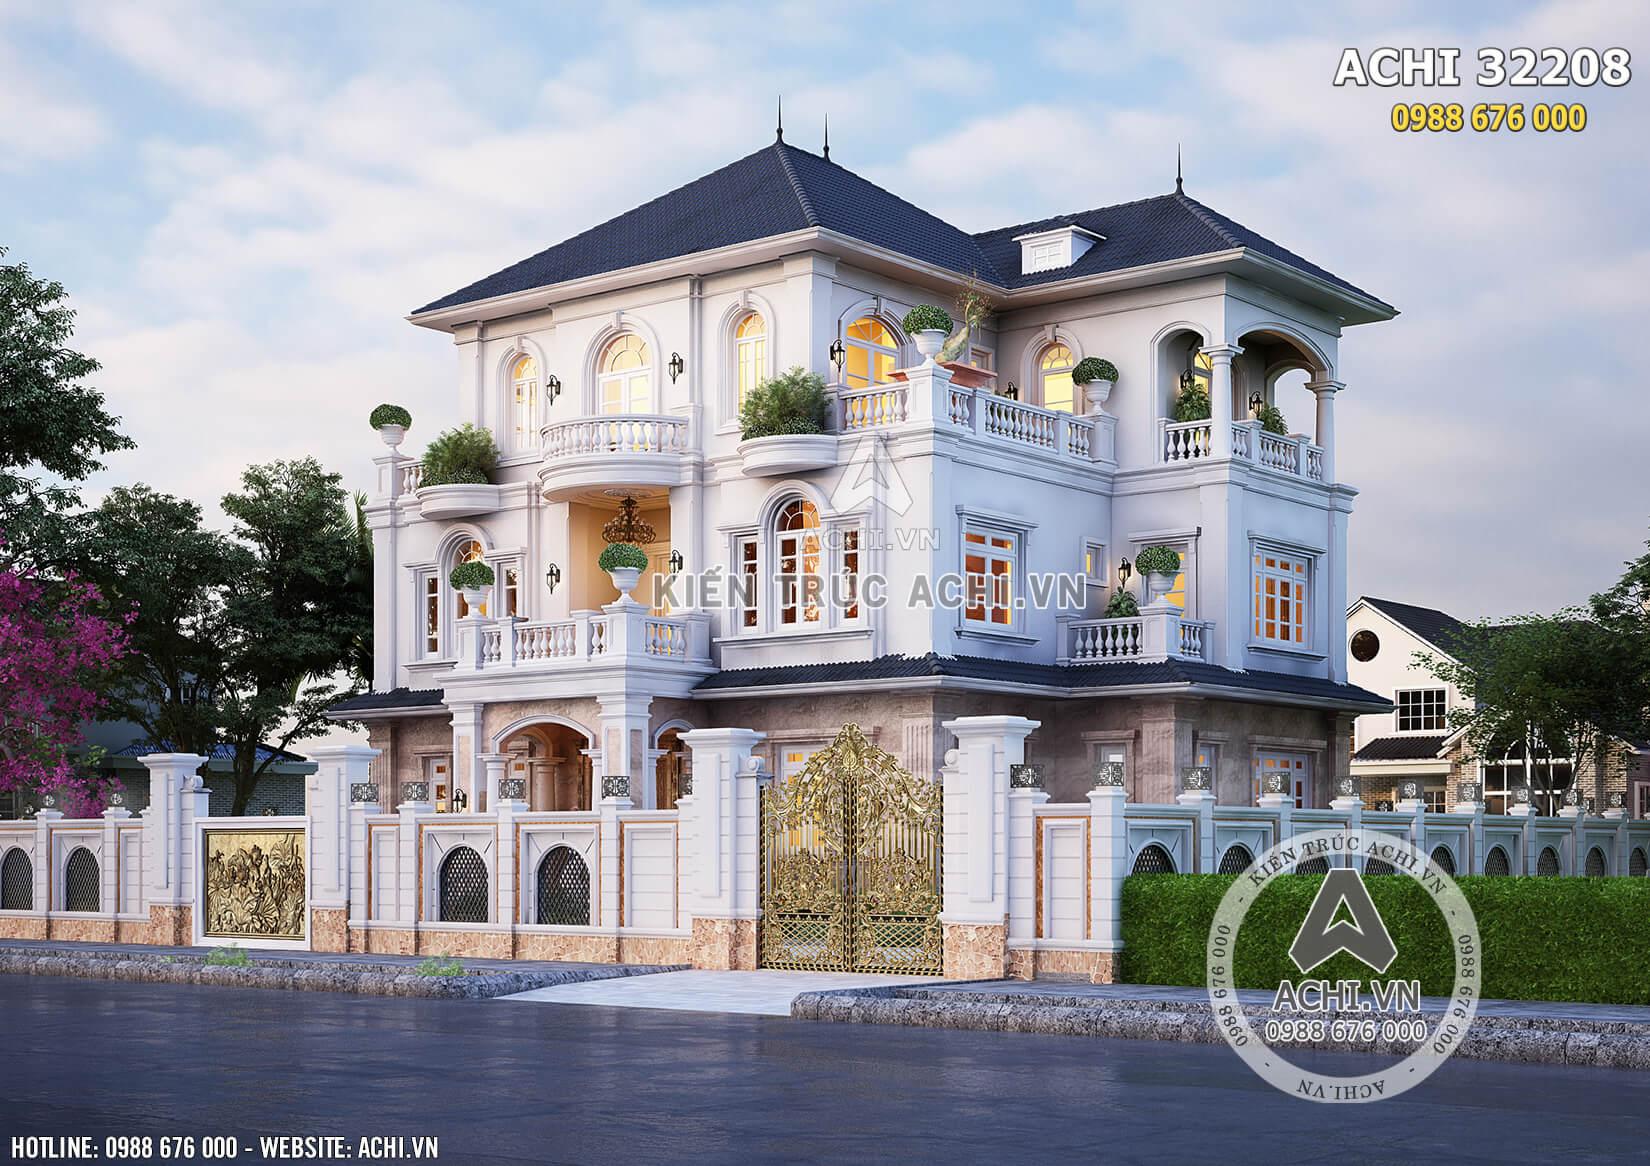 Biệt thự tân cổ điển 3 tầng đẹp sang trọng 220m2 - ACHI 32208